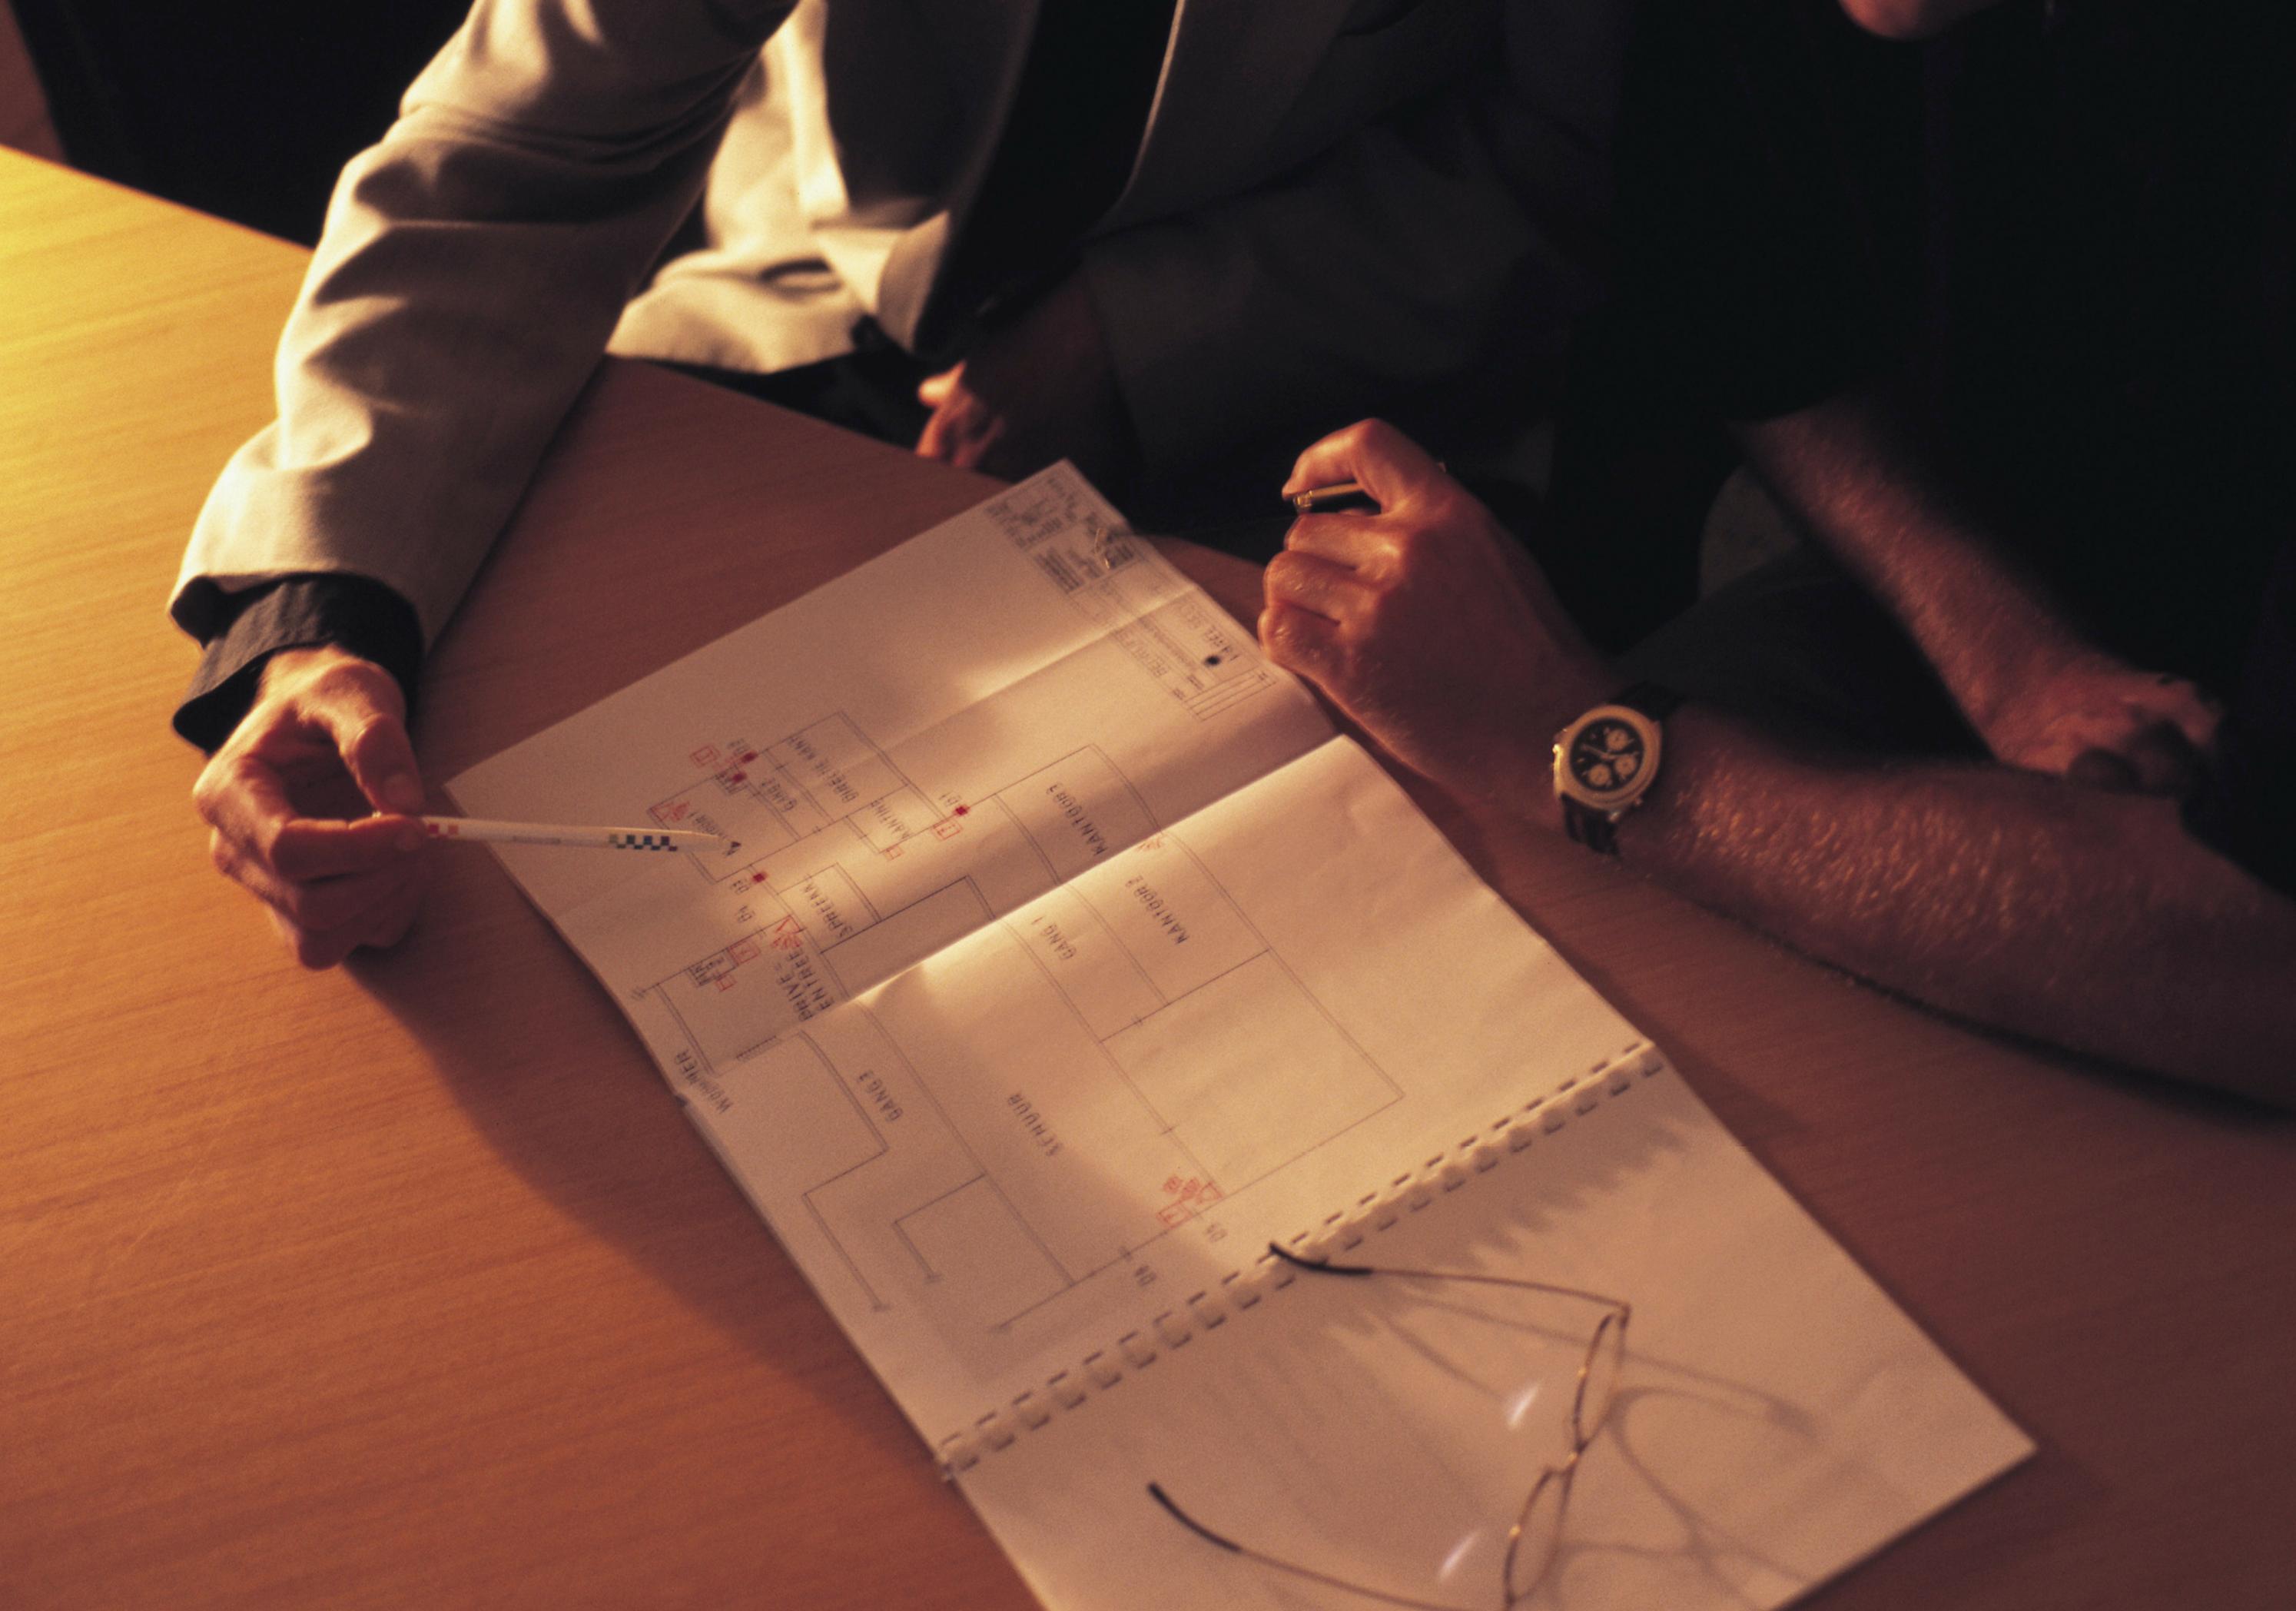 Fremdriftsplaner, bedrift, Konsulenttjenester, Harald hjelper deg, tilkallingshjelp